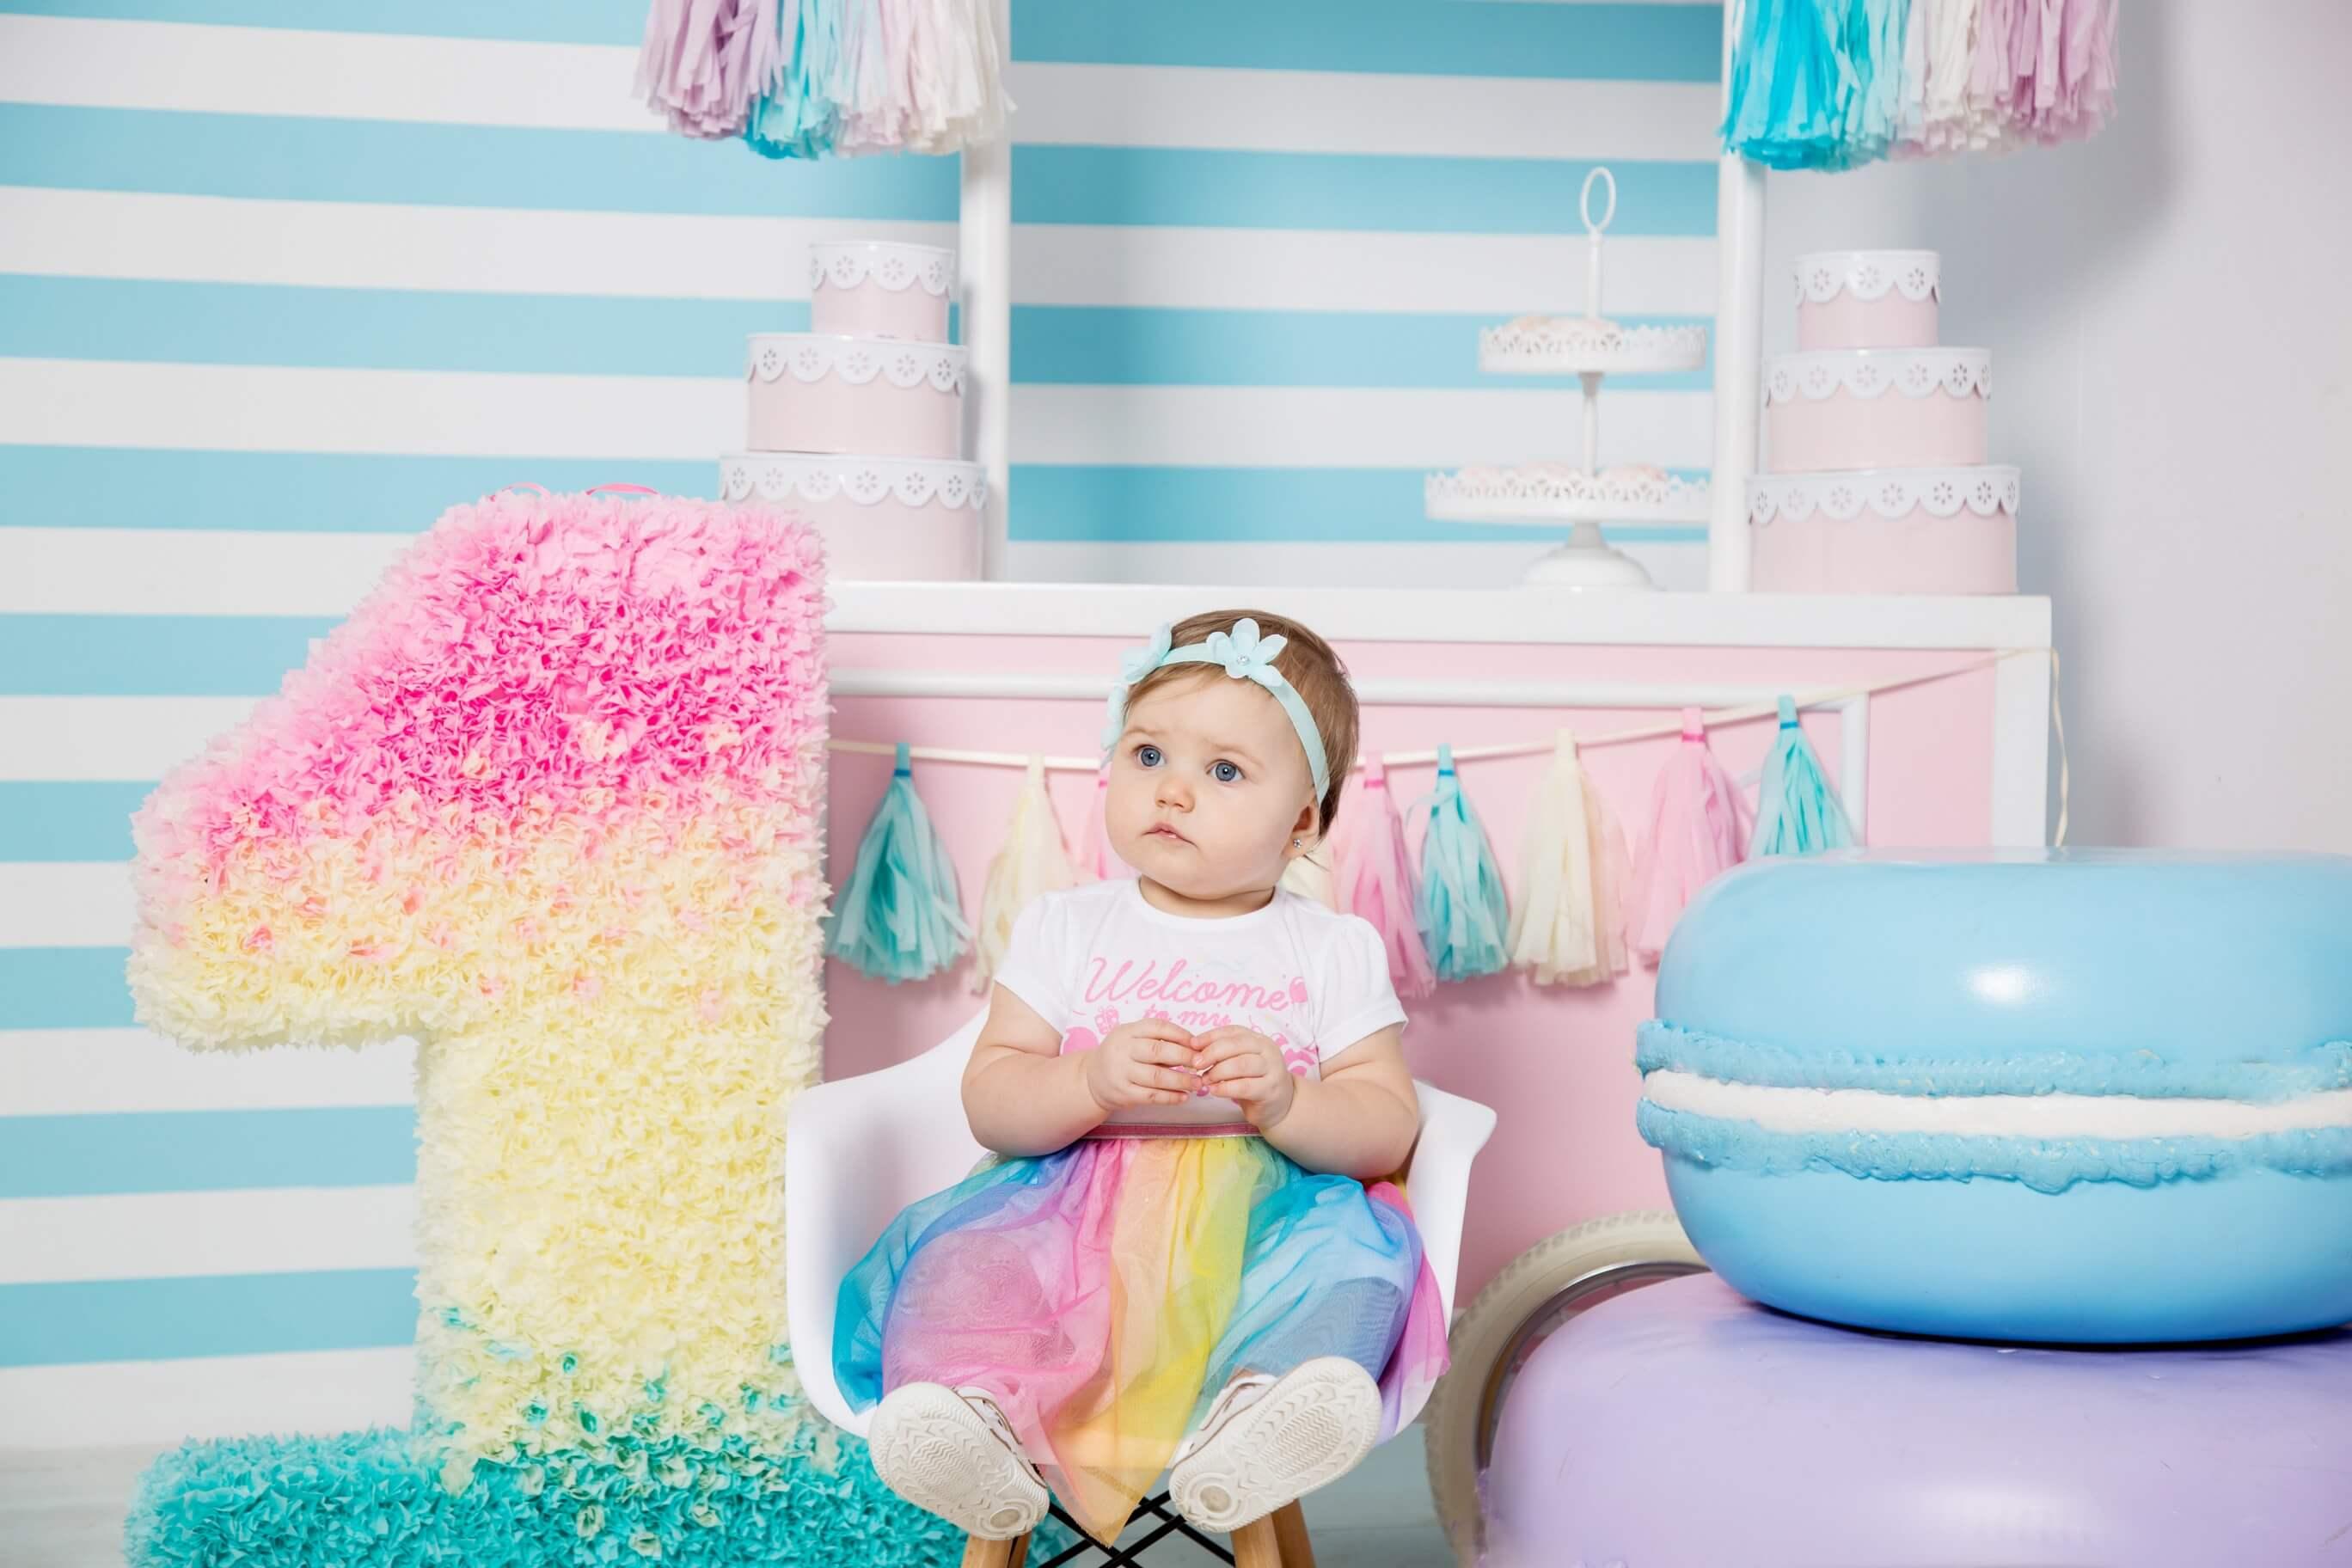 Фотосессия на 1 годик ребенку семейная идеи для фото